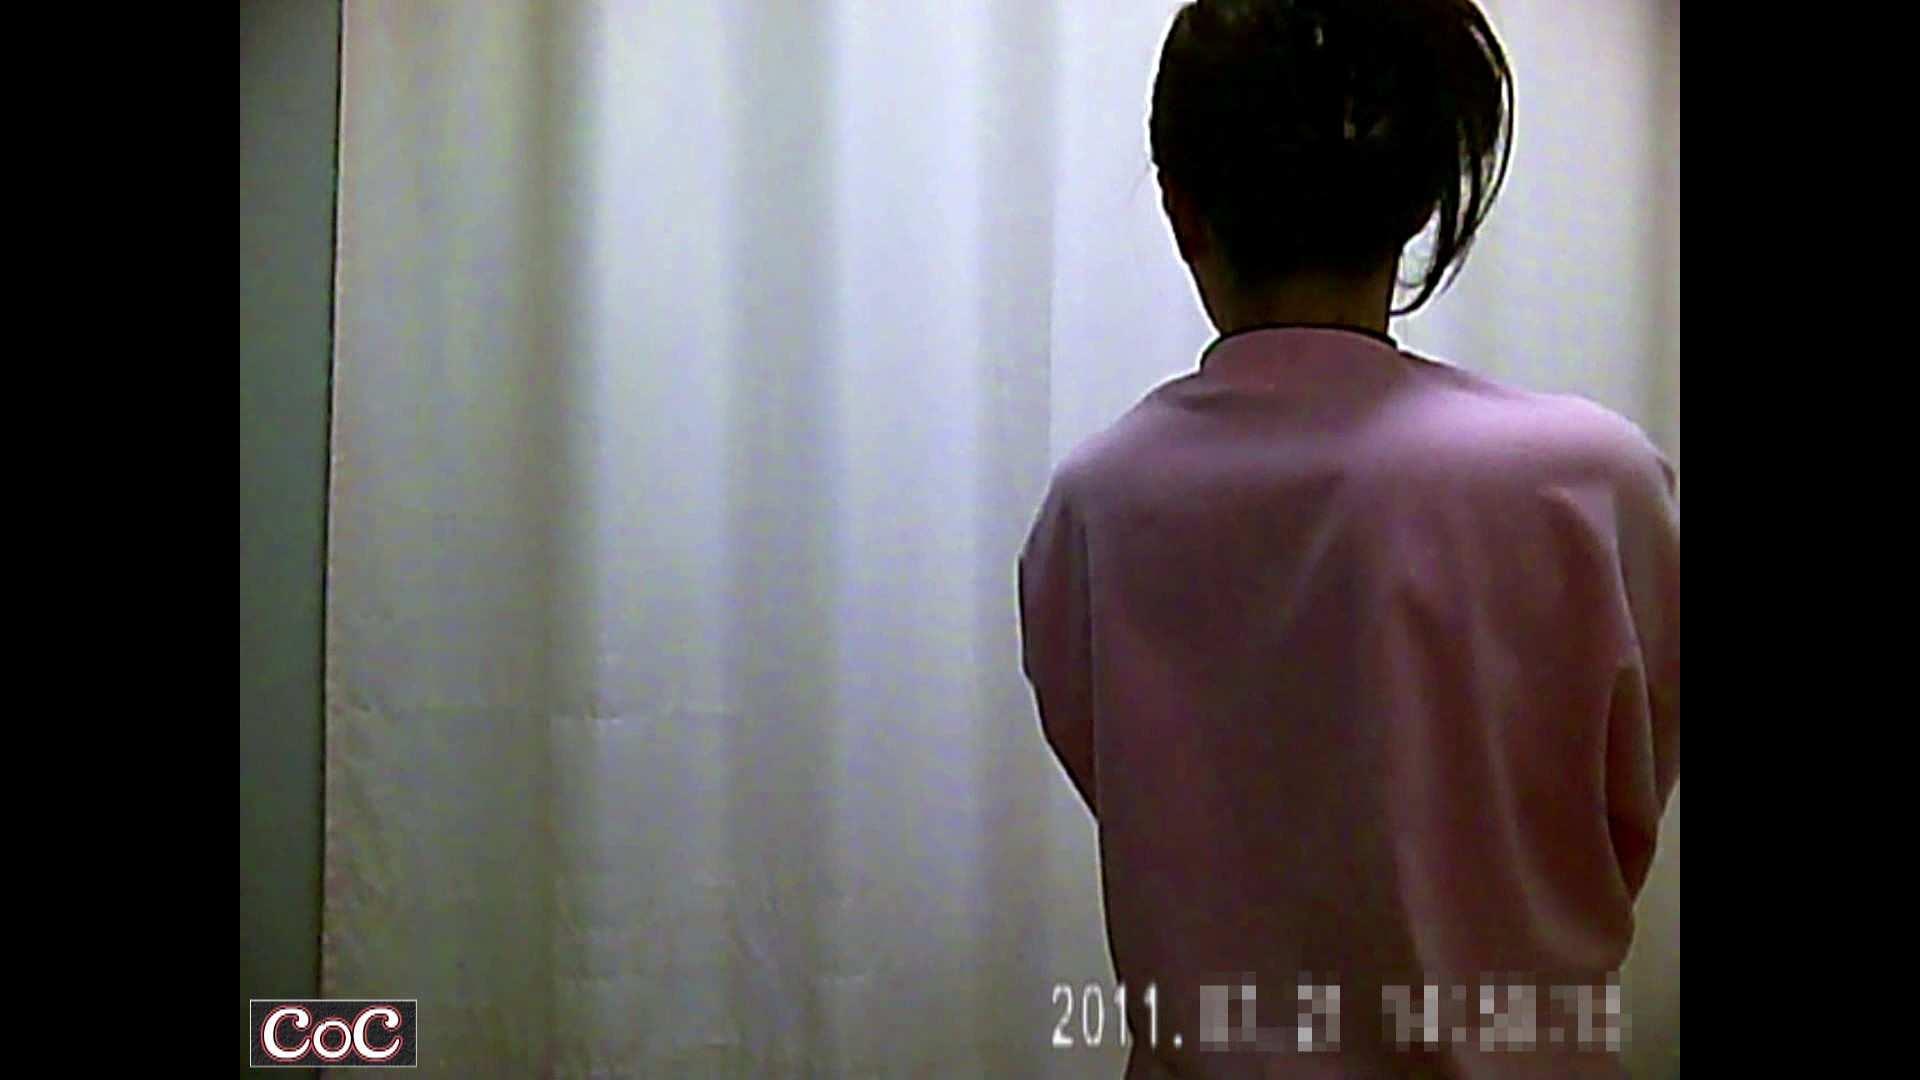 病院おもいっきり着替え! vol.04 おっぱい のぞき濡れ場動画紹介 113PICs 12